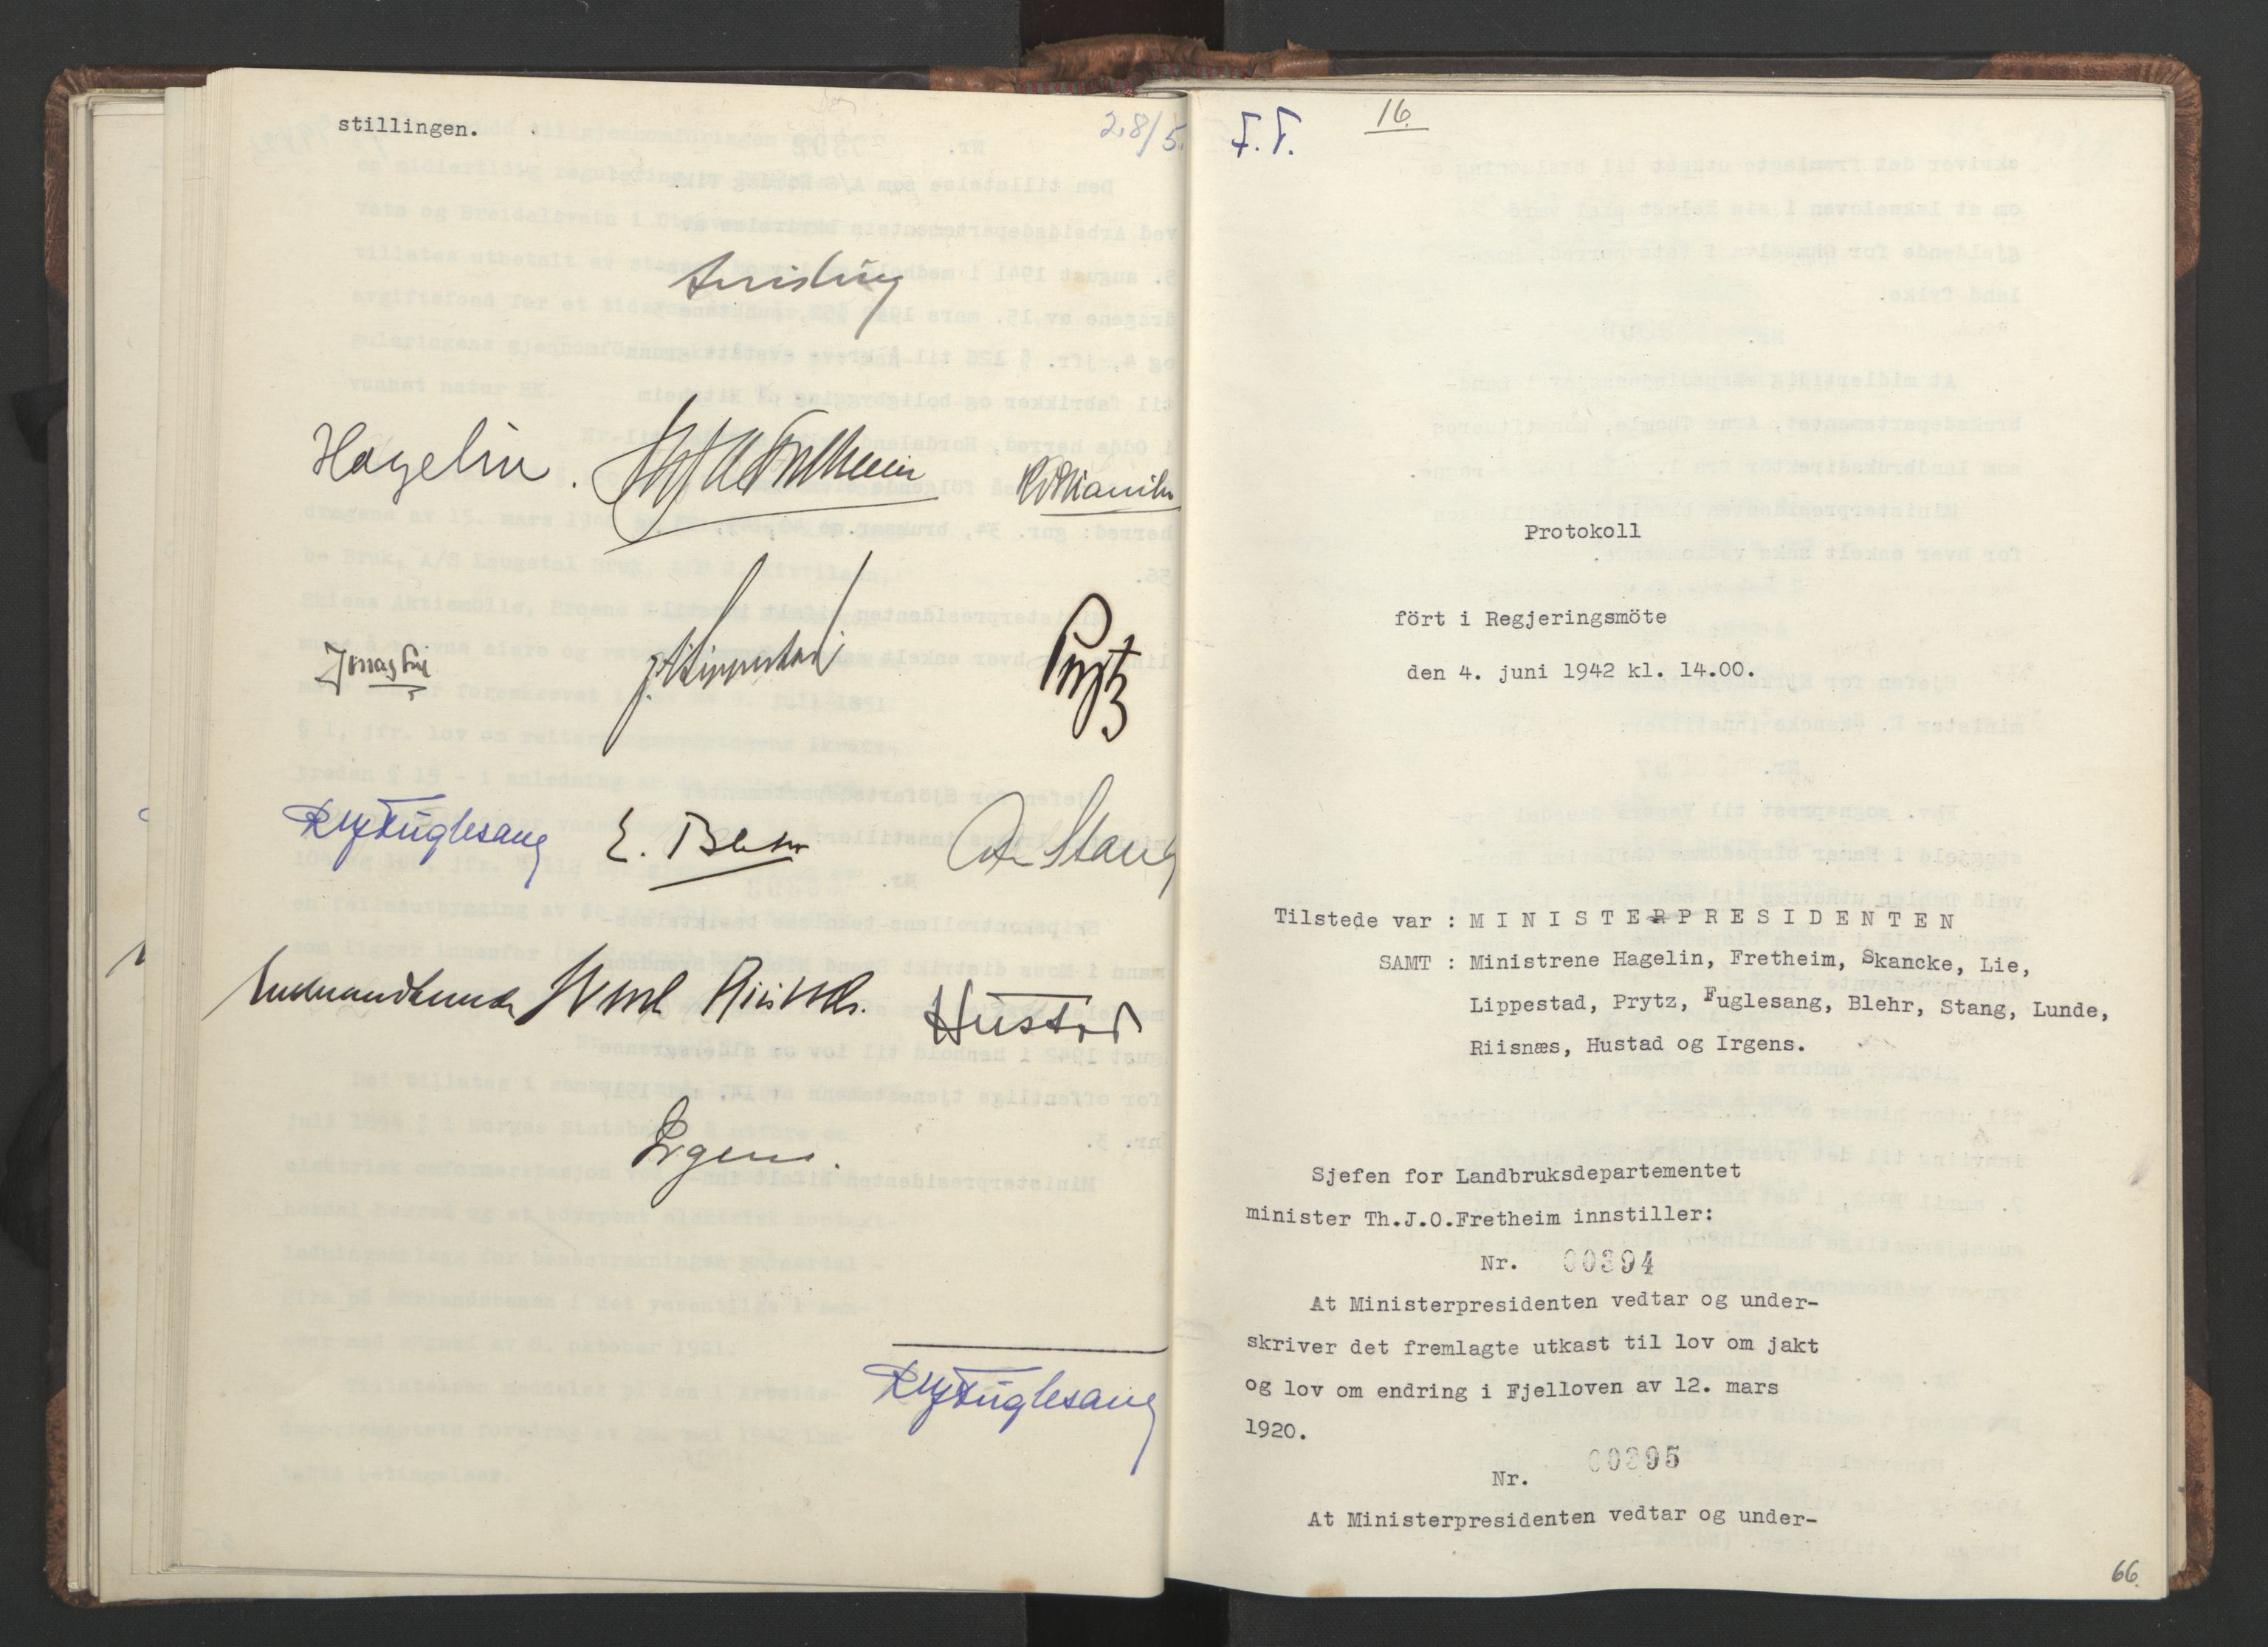 RA, NS-administrasjonen 1940-1945 (Statsrådsekretariatet, de kommisariske statsråder mm), D/Da/L0001: Beslutninger og tillegg (1-952 og 1-32), 1942, s. 65b-66a